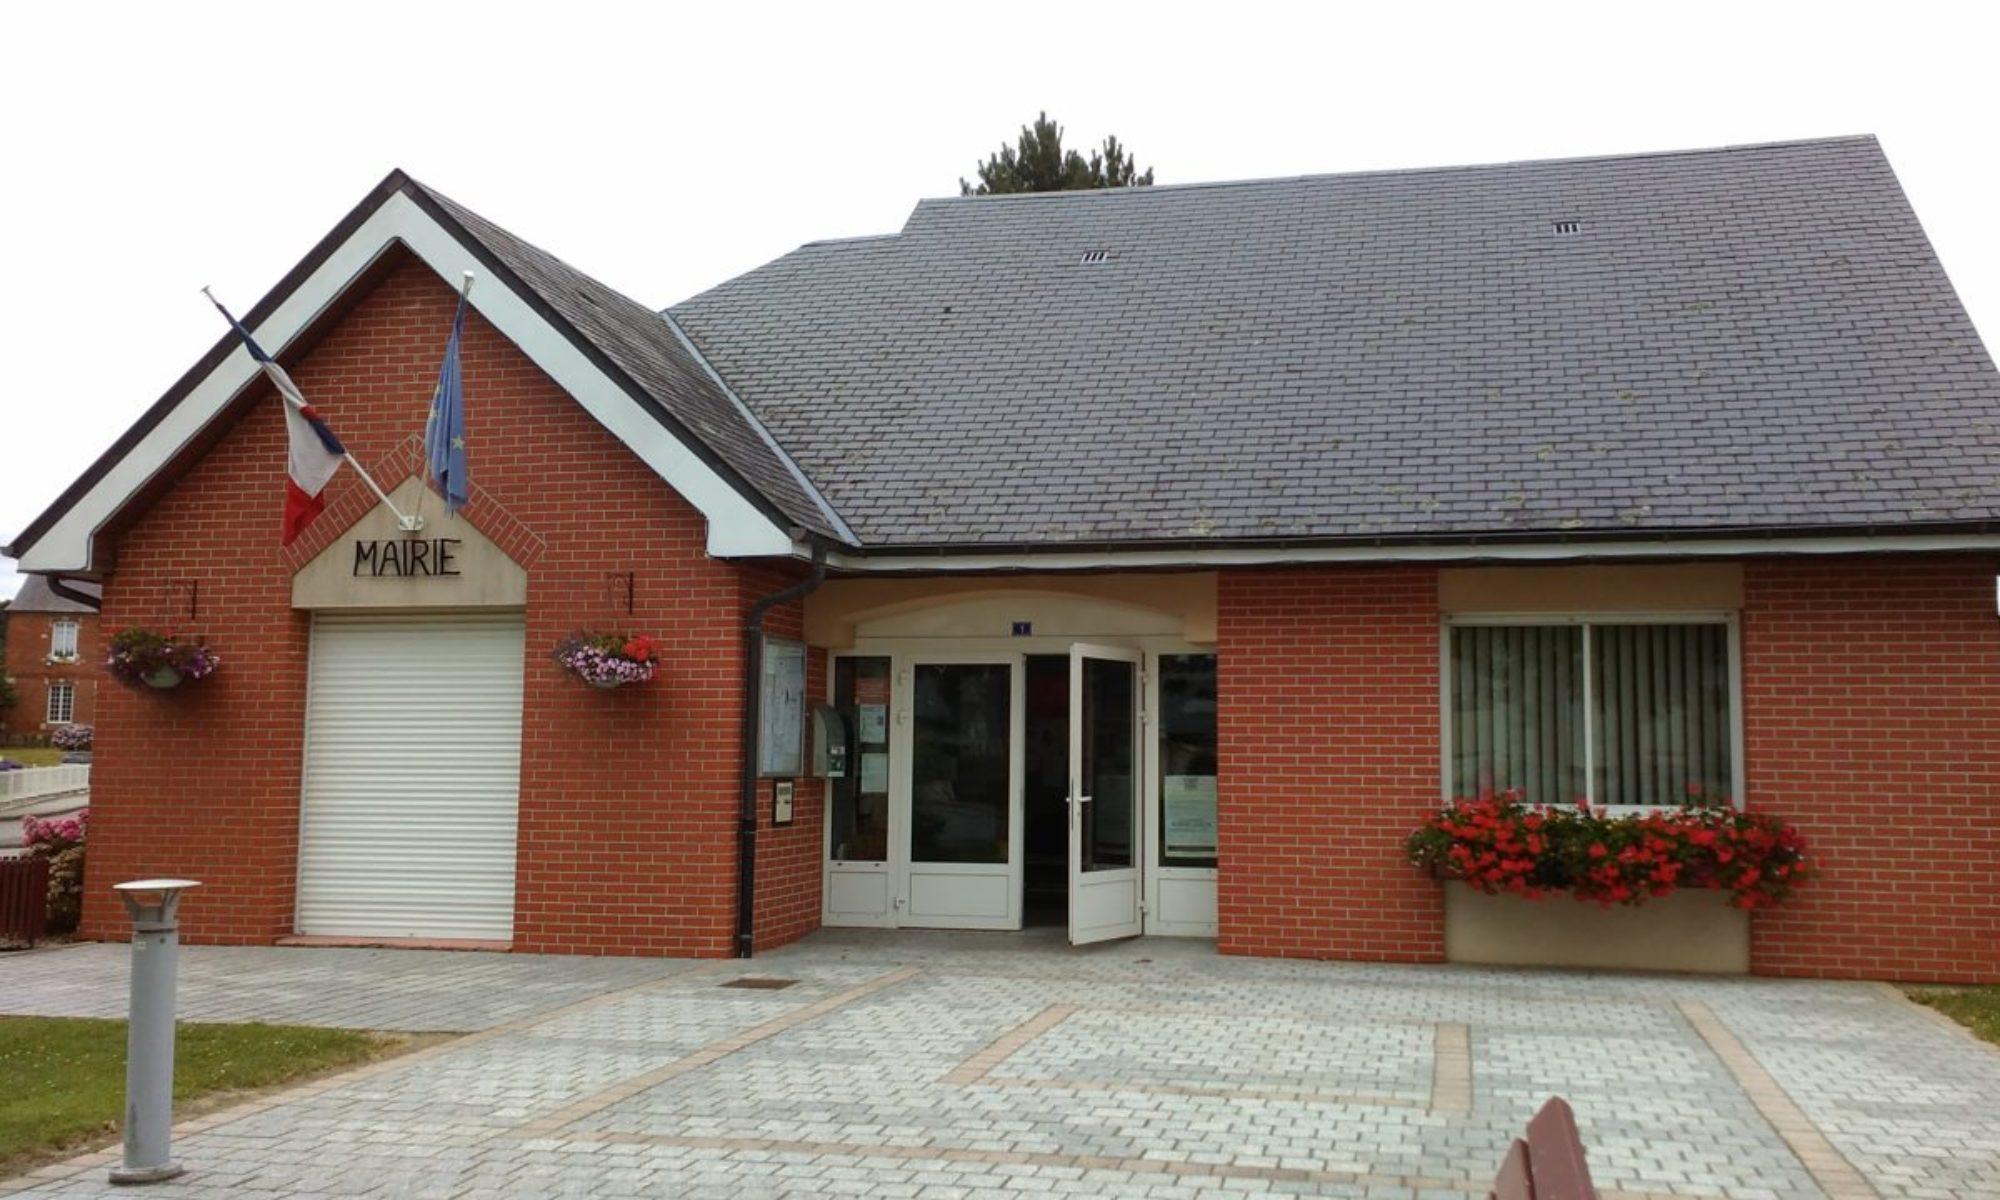 Mairie de Rouville (76210)